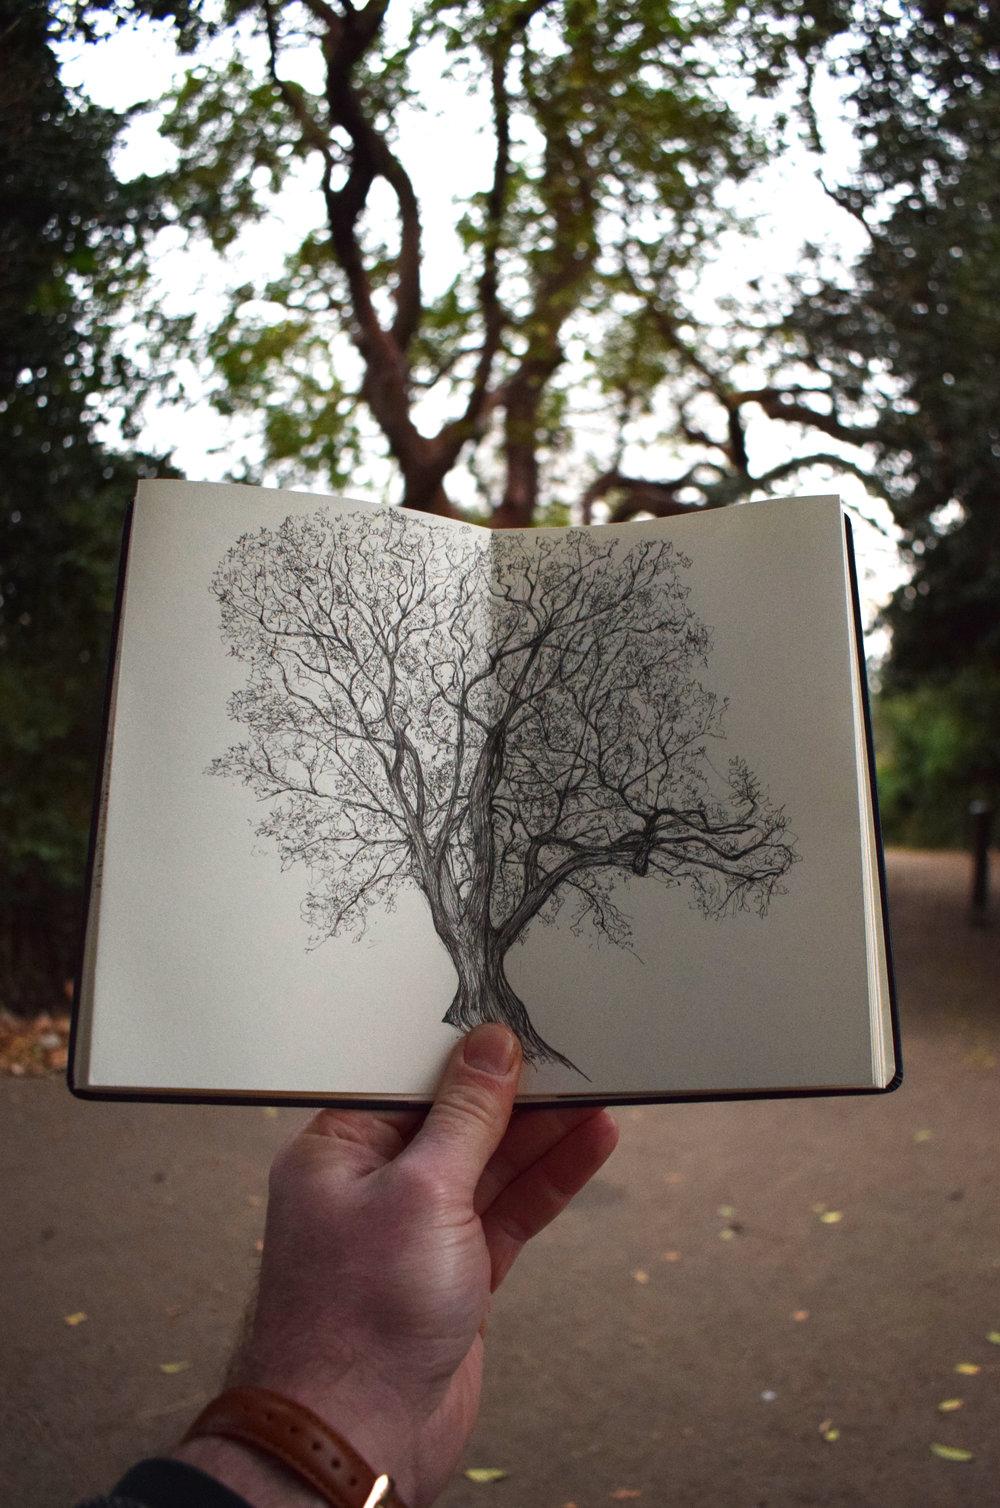 Battersea Strawberry Tree Luke Adam Hawker on location copy.jpg